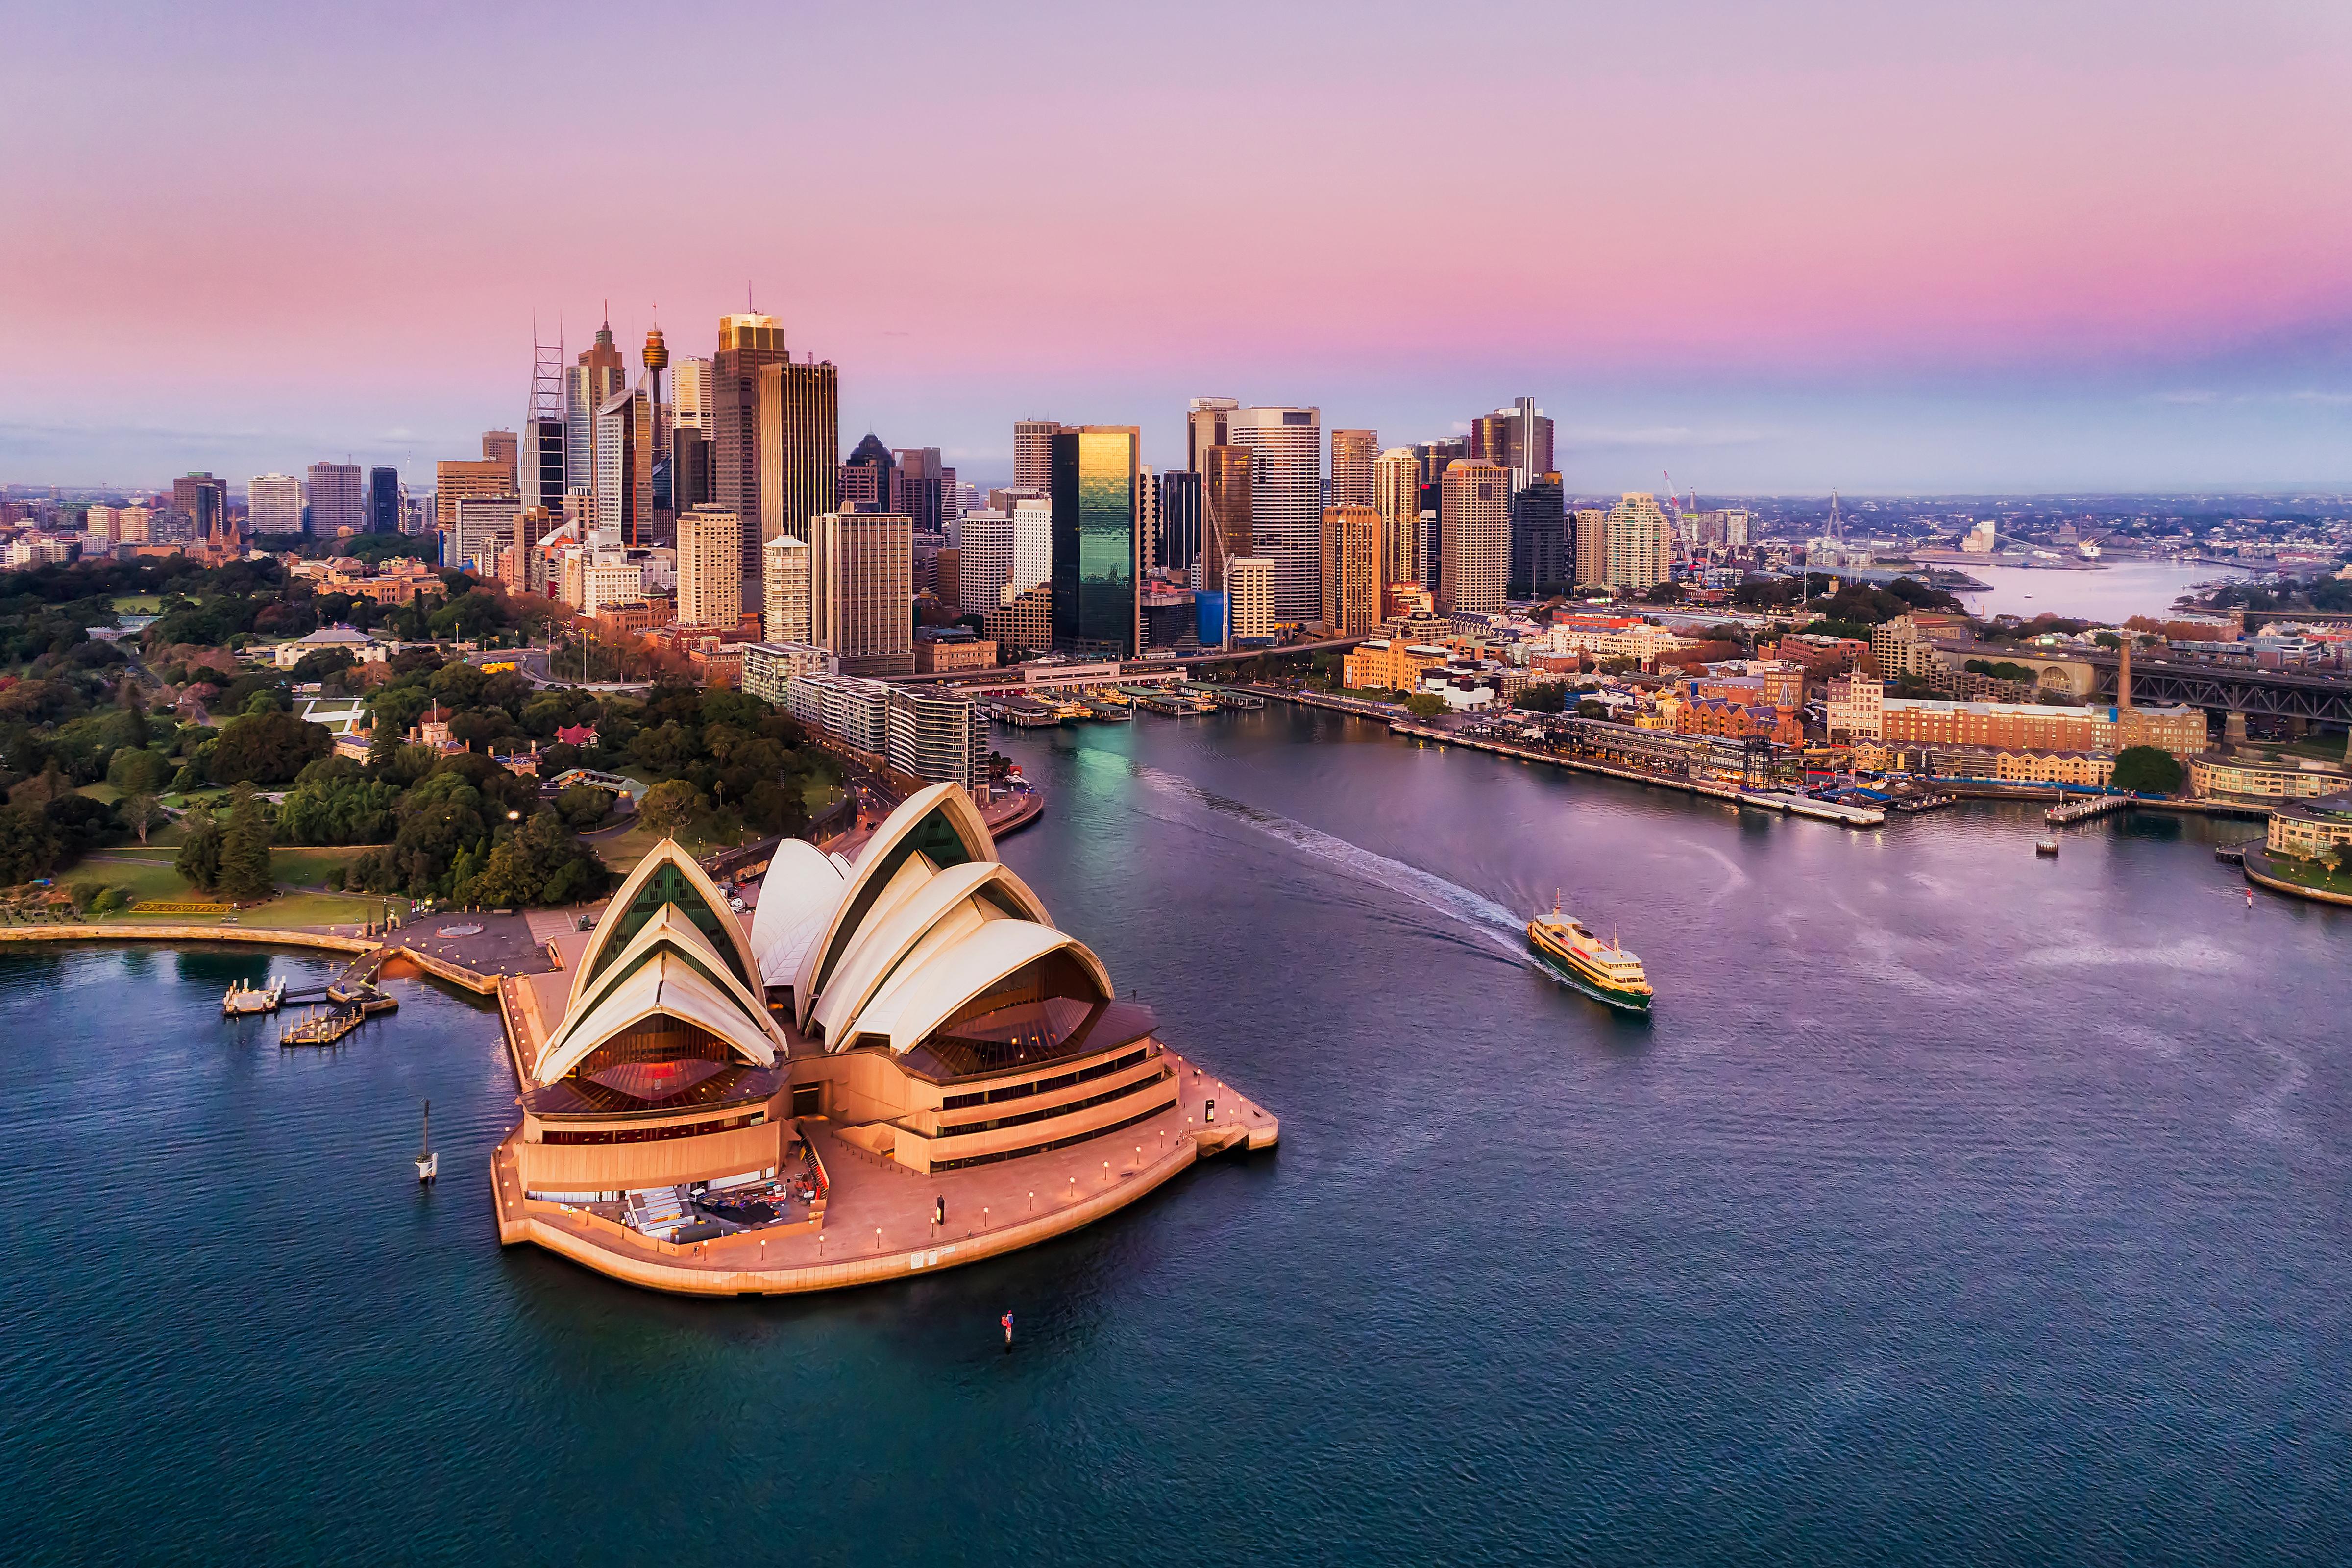 También es la ciudad más cara del hemisferio sur para vivir en 2019, Sydney, la ciudad más grande de Australia y la región más amplia de Australasia, todavía tiene un puntaje de dos dígitos, aunque ha bajado 0.7 puntos de su puntaje de 2019 de 11.7 (Shutterstock)